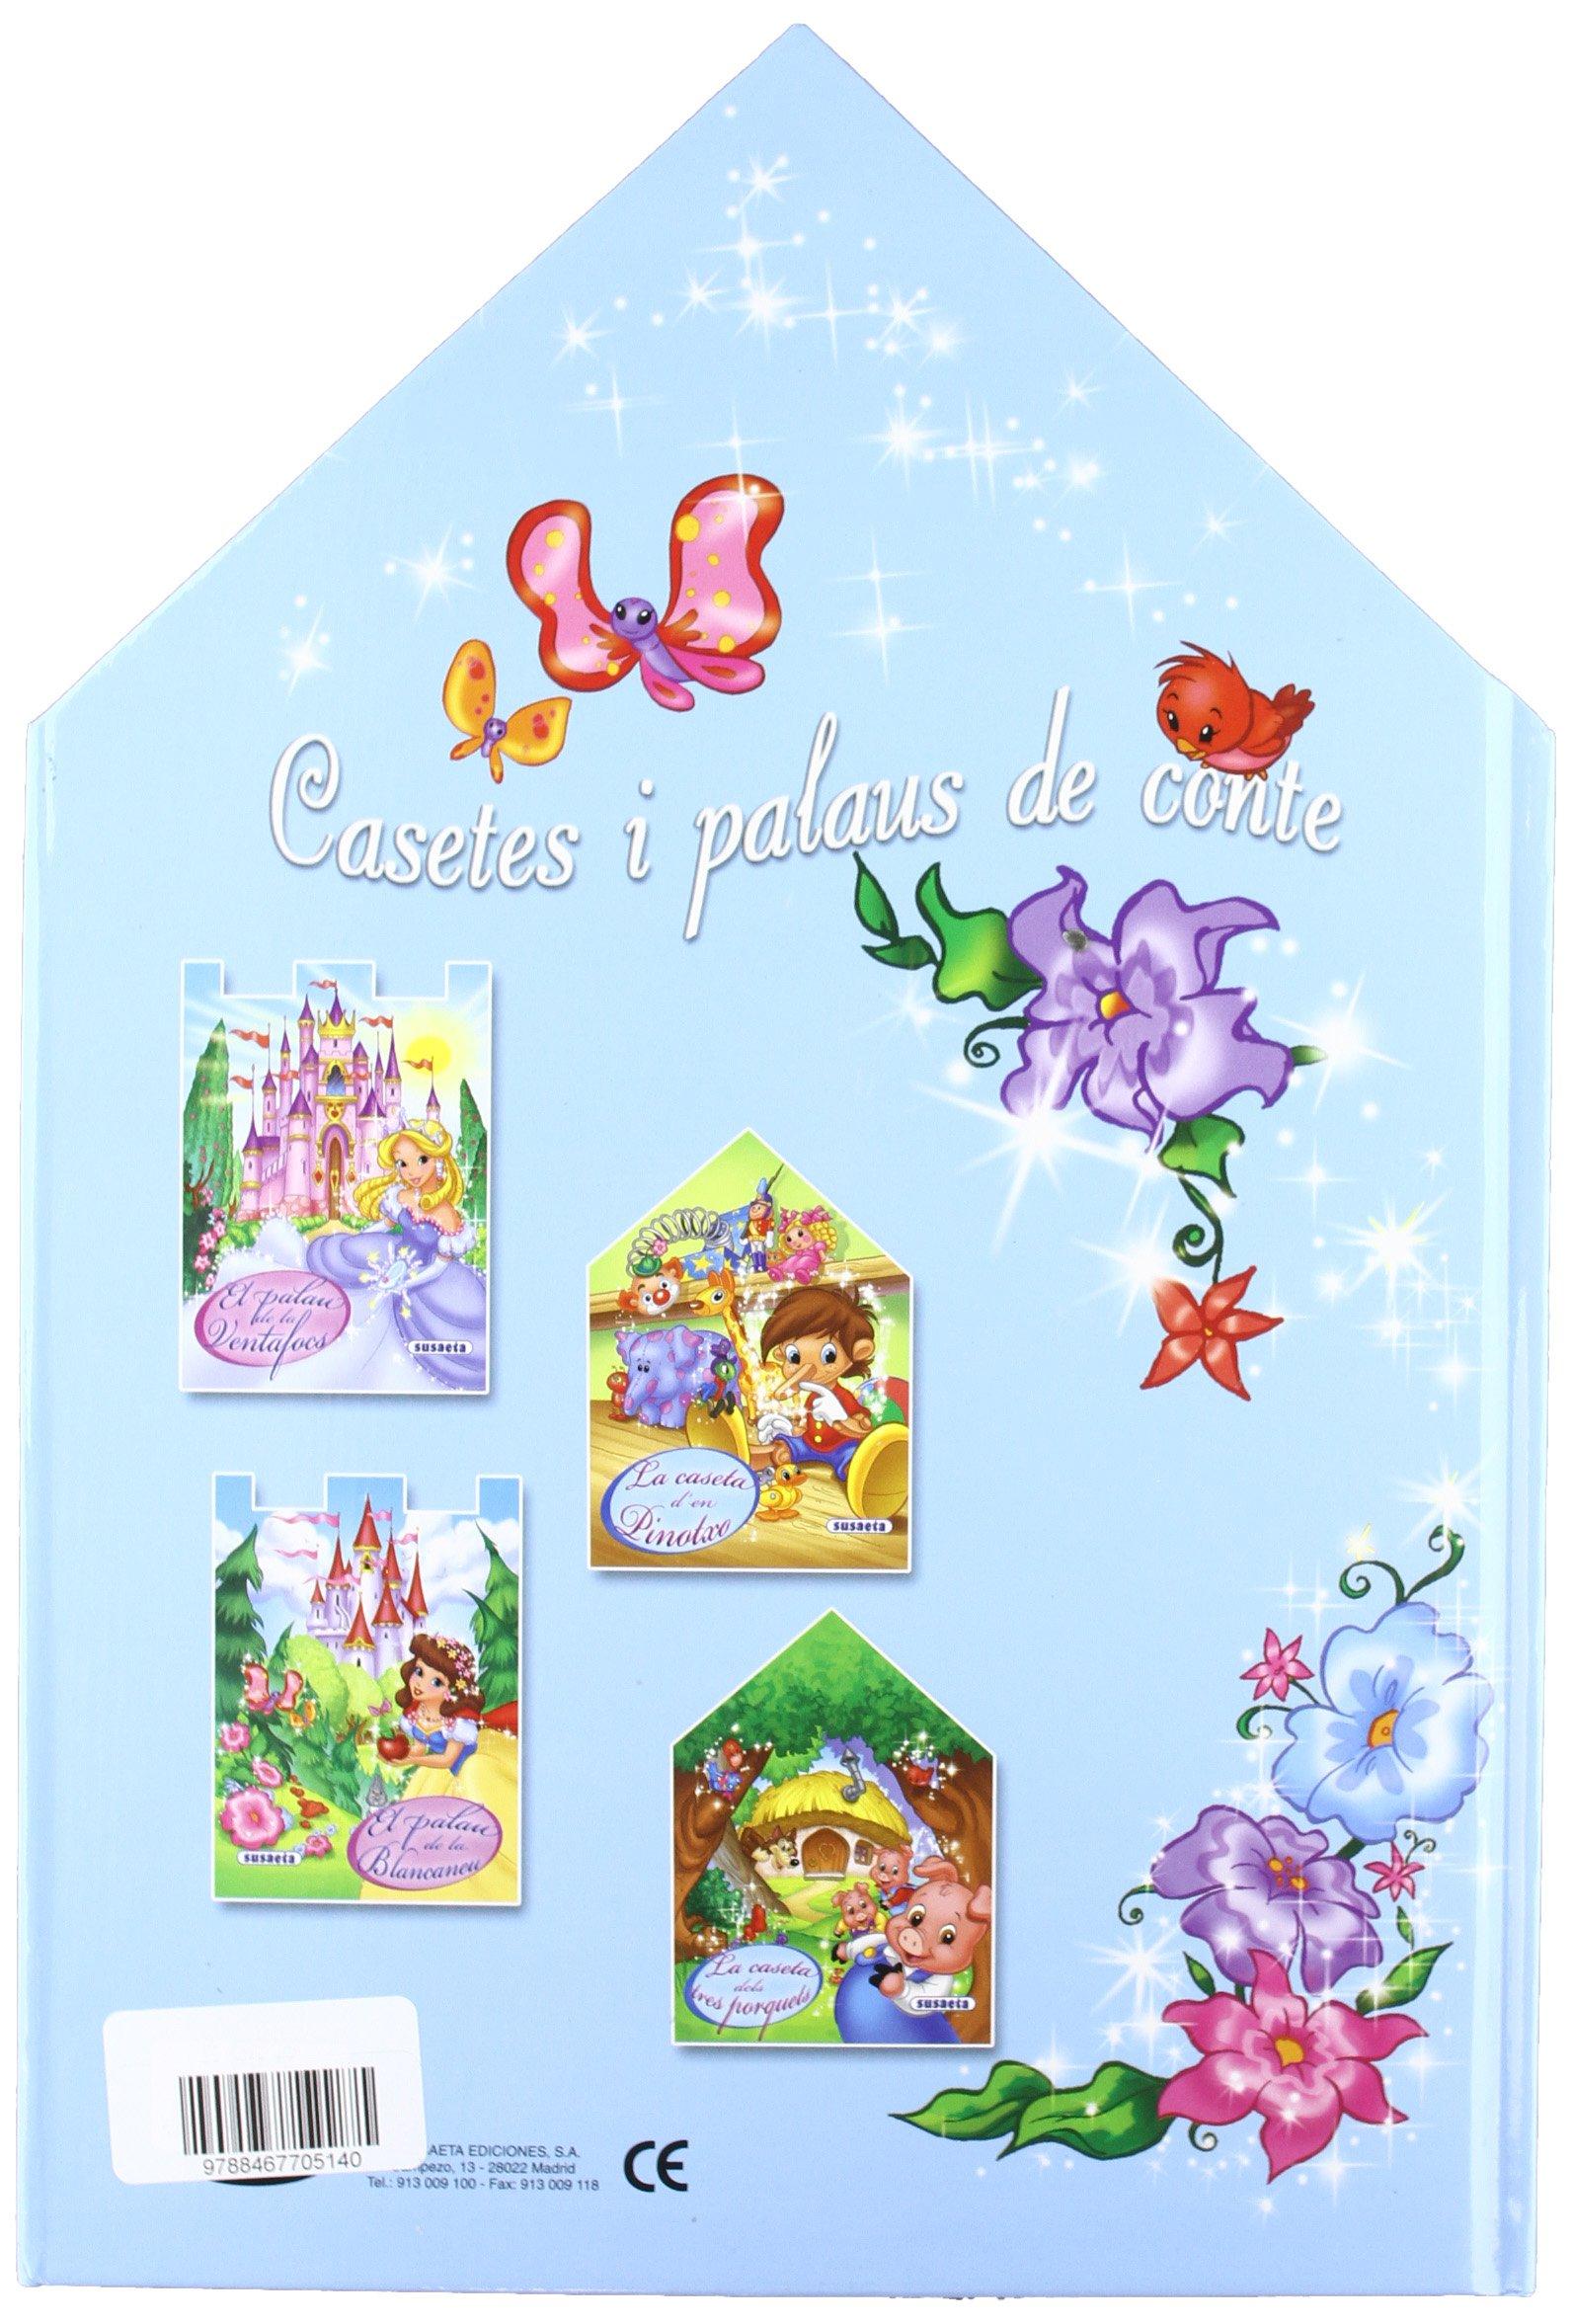 La caseta dels tres porquets: Mònica Abad Falguera: 9788467705140: Amazon.com: Books